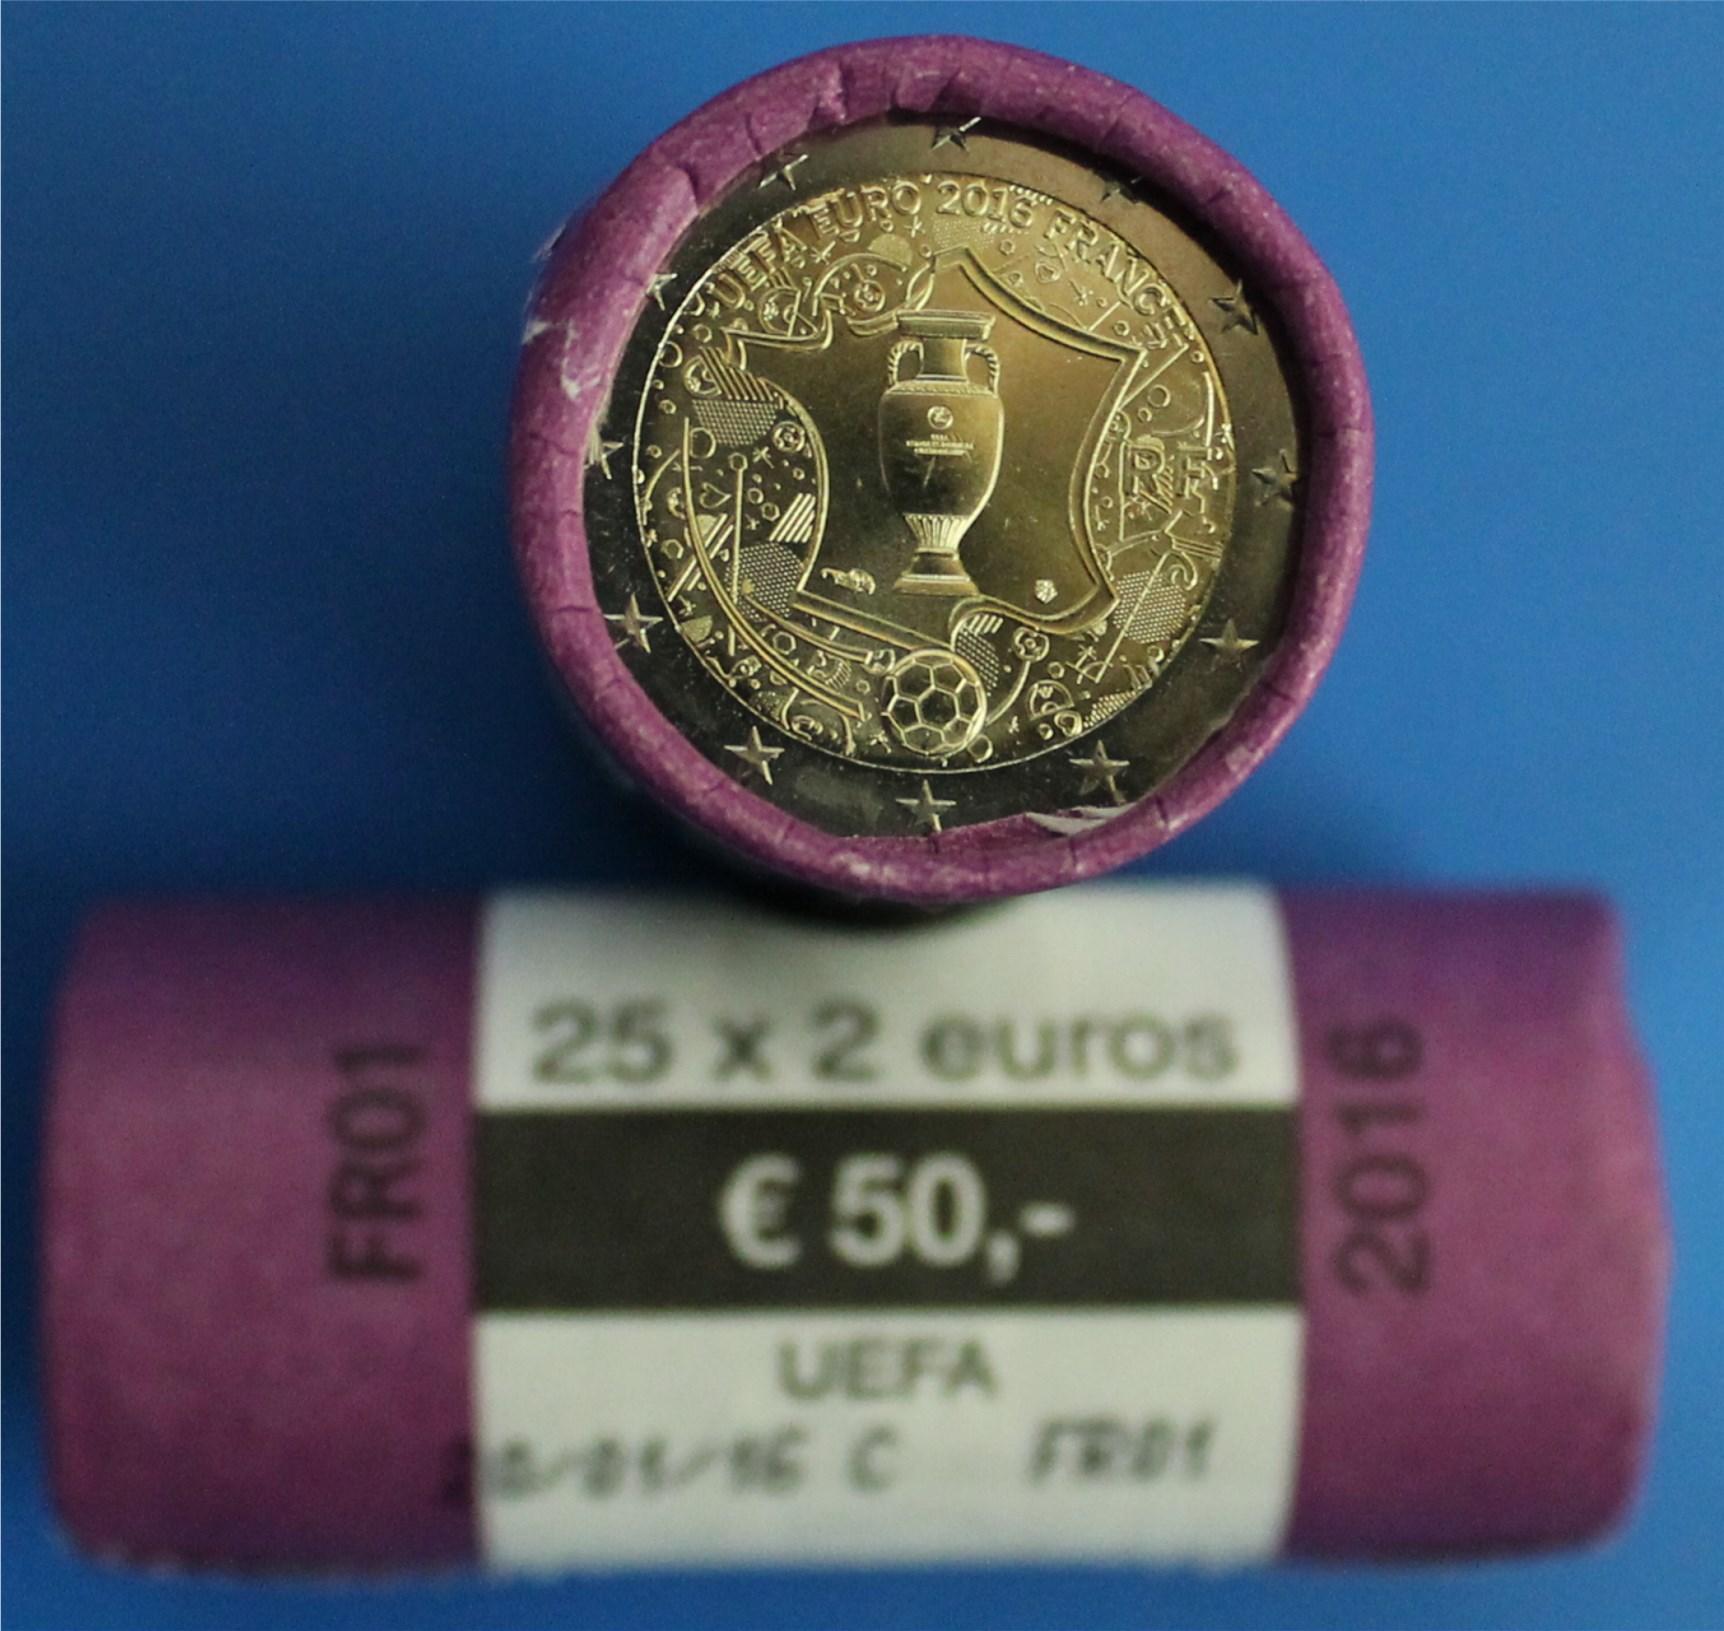 2 euro rolle frankreich 2016 uefa graf